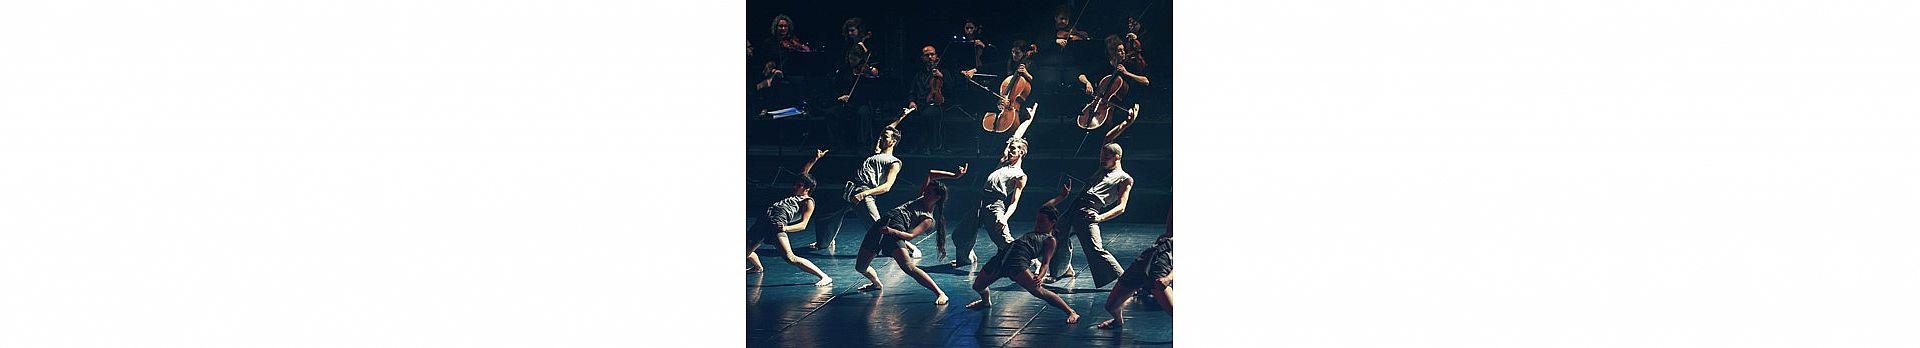 ורטיגו ותזמורת המהפכה